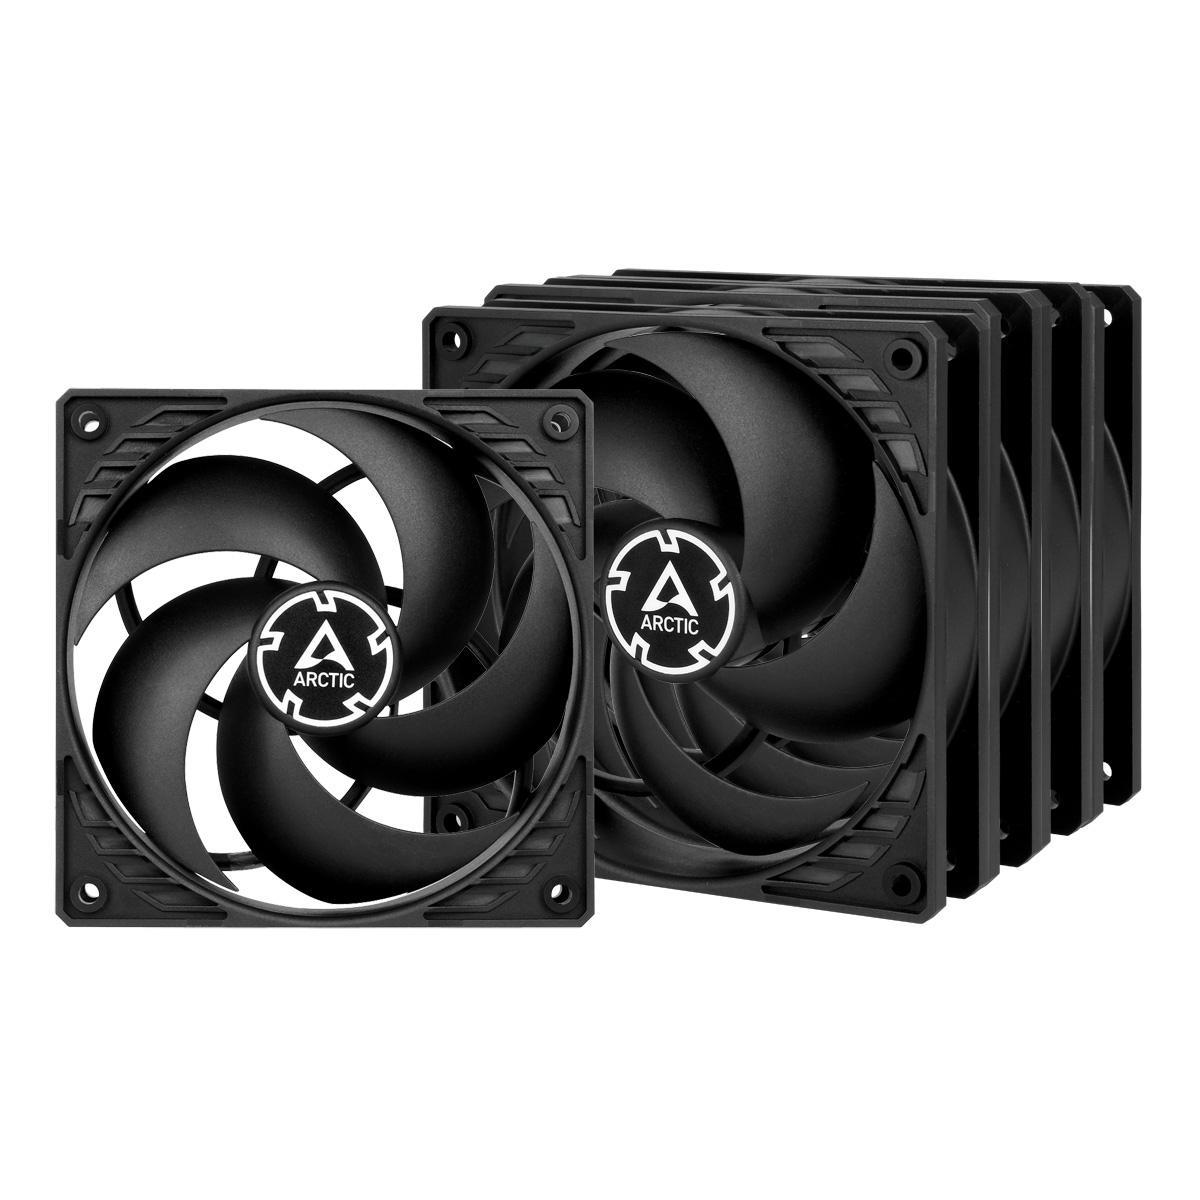 ARCTIC P 56.3 CFM 120 mm Fans 5-Pack